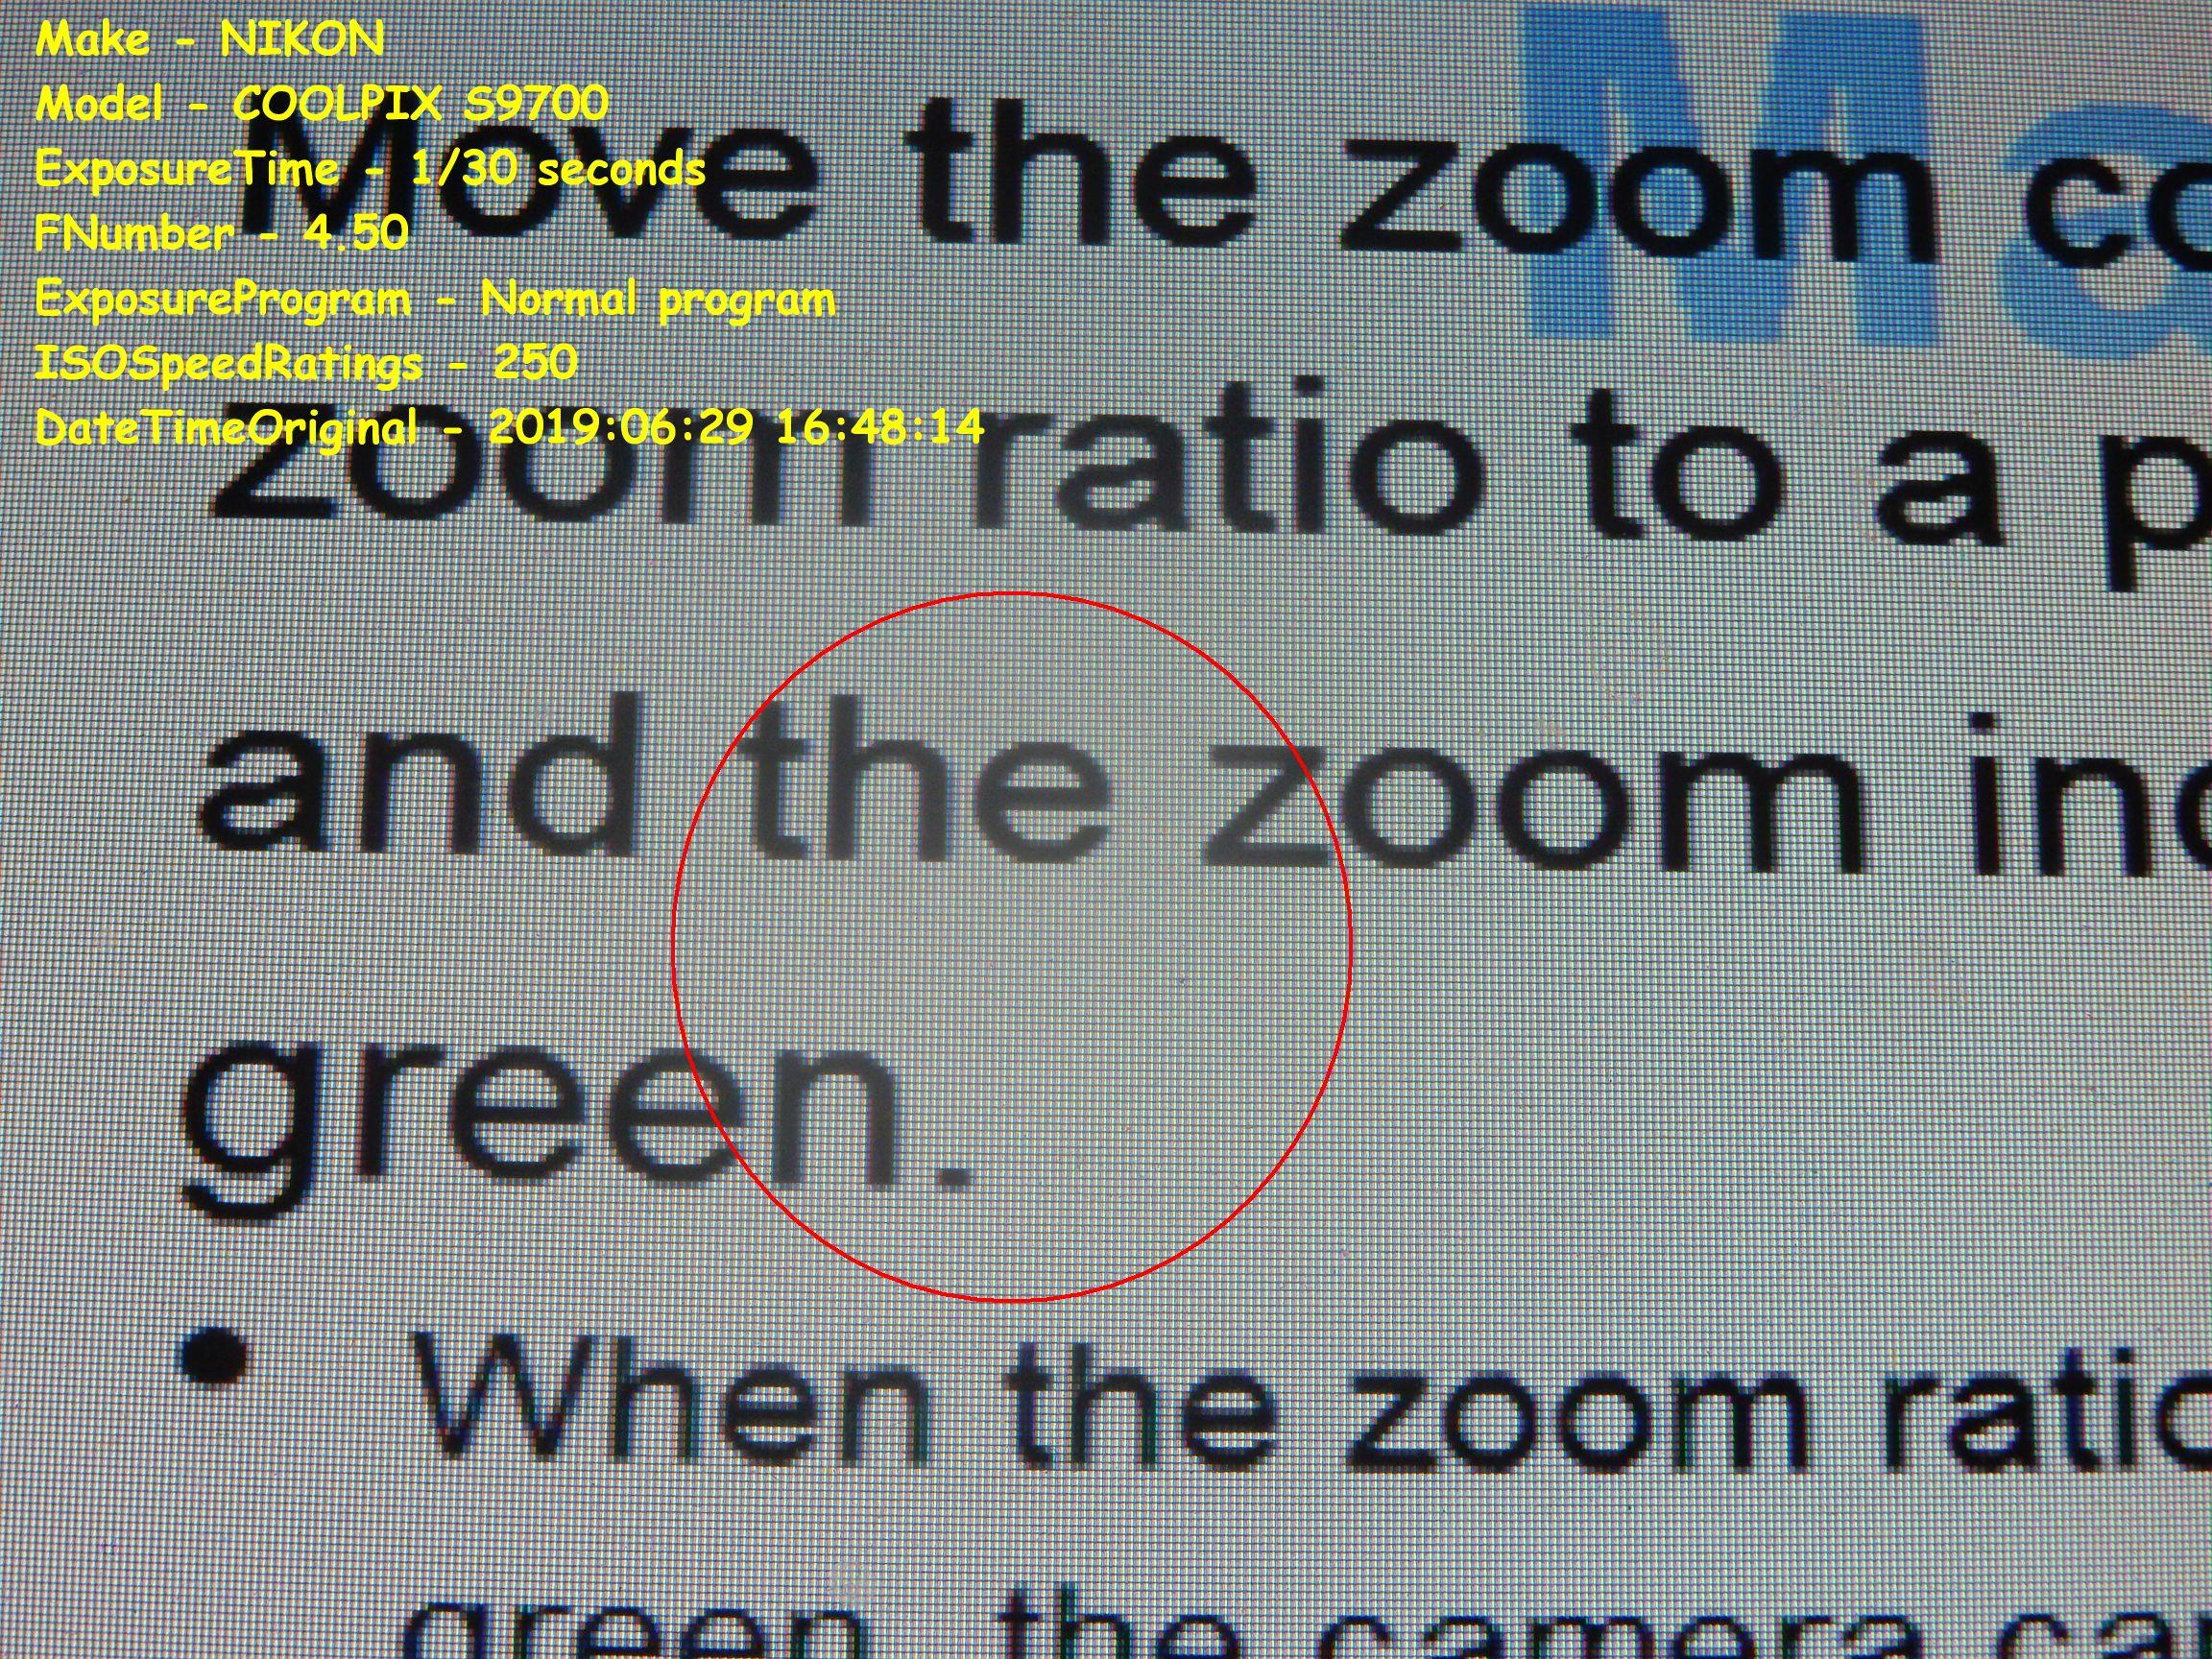 http://www.energialternativa.info/public/newforum/ForumEA/U/DSCN9597-MACRO-OK.jpg